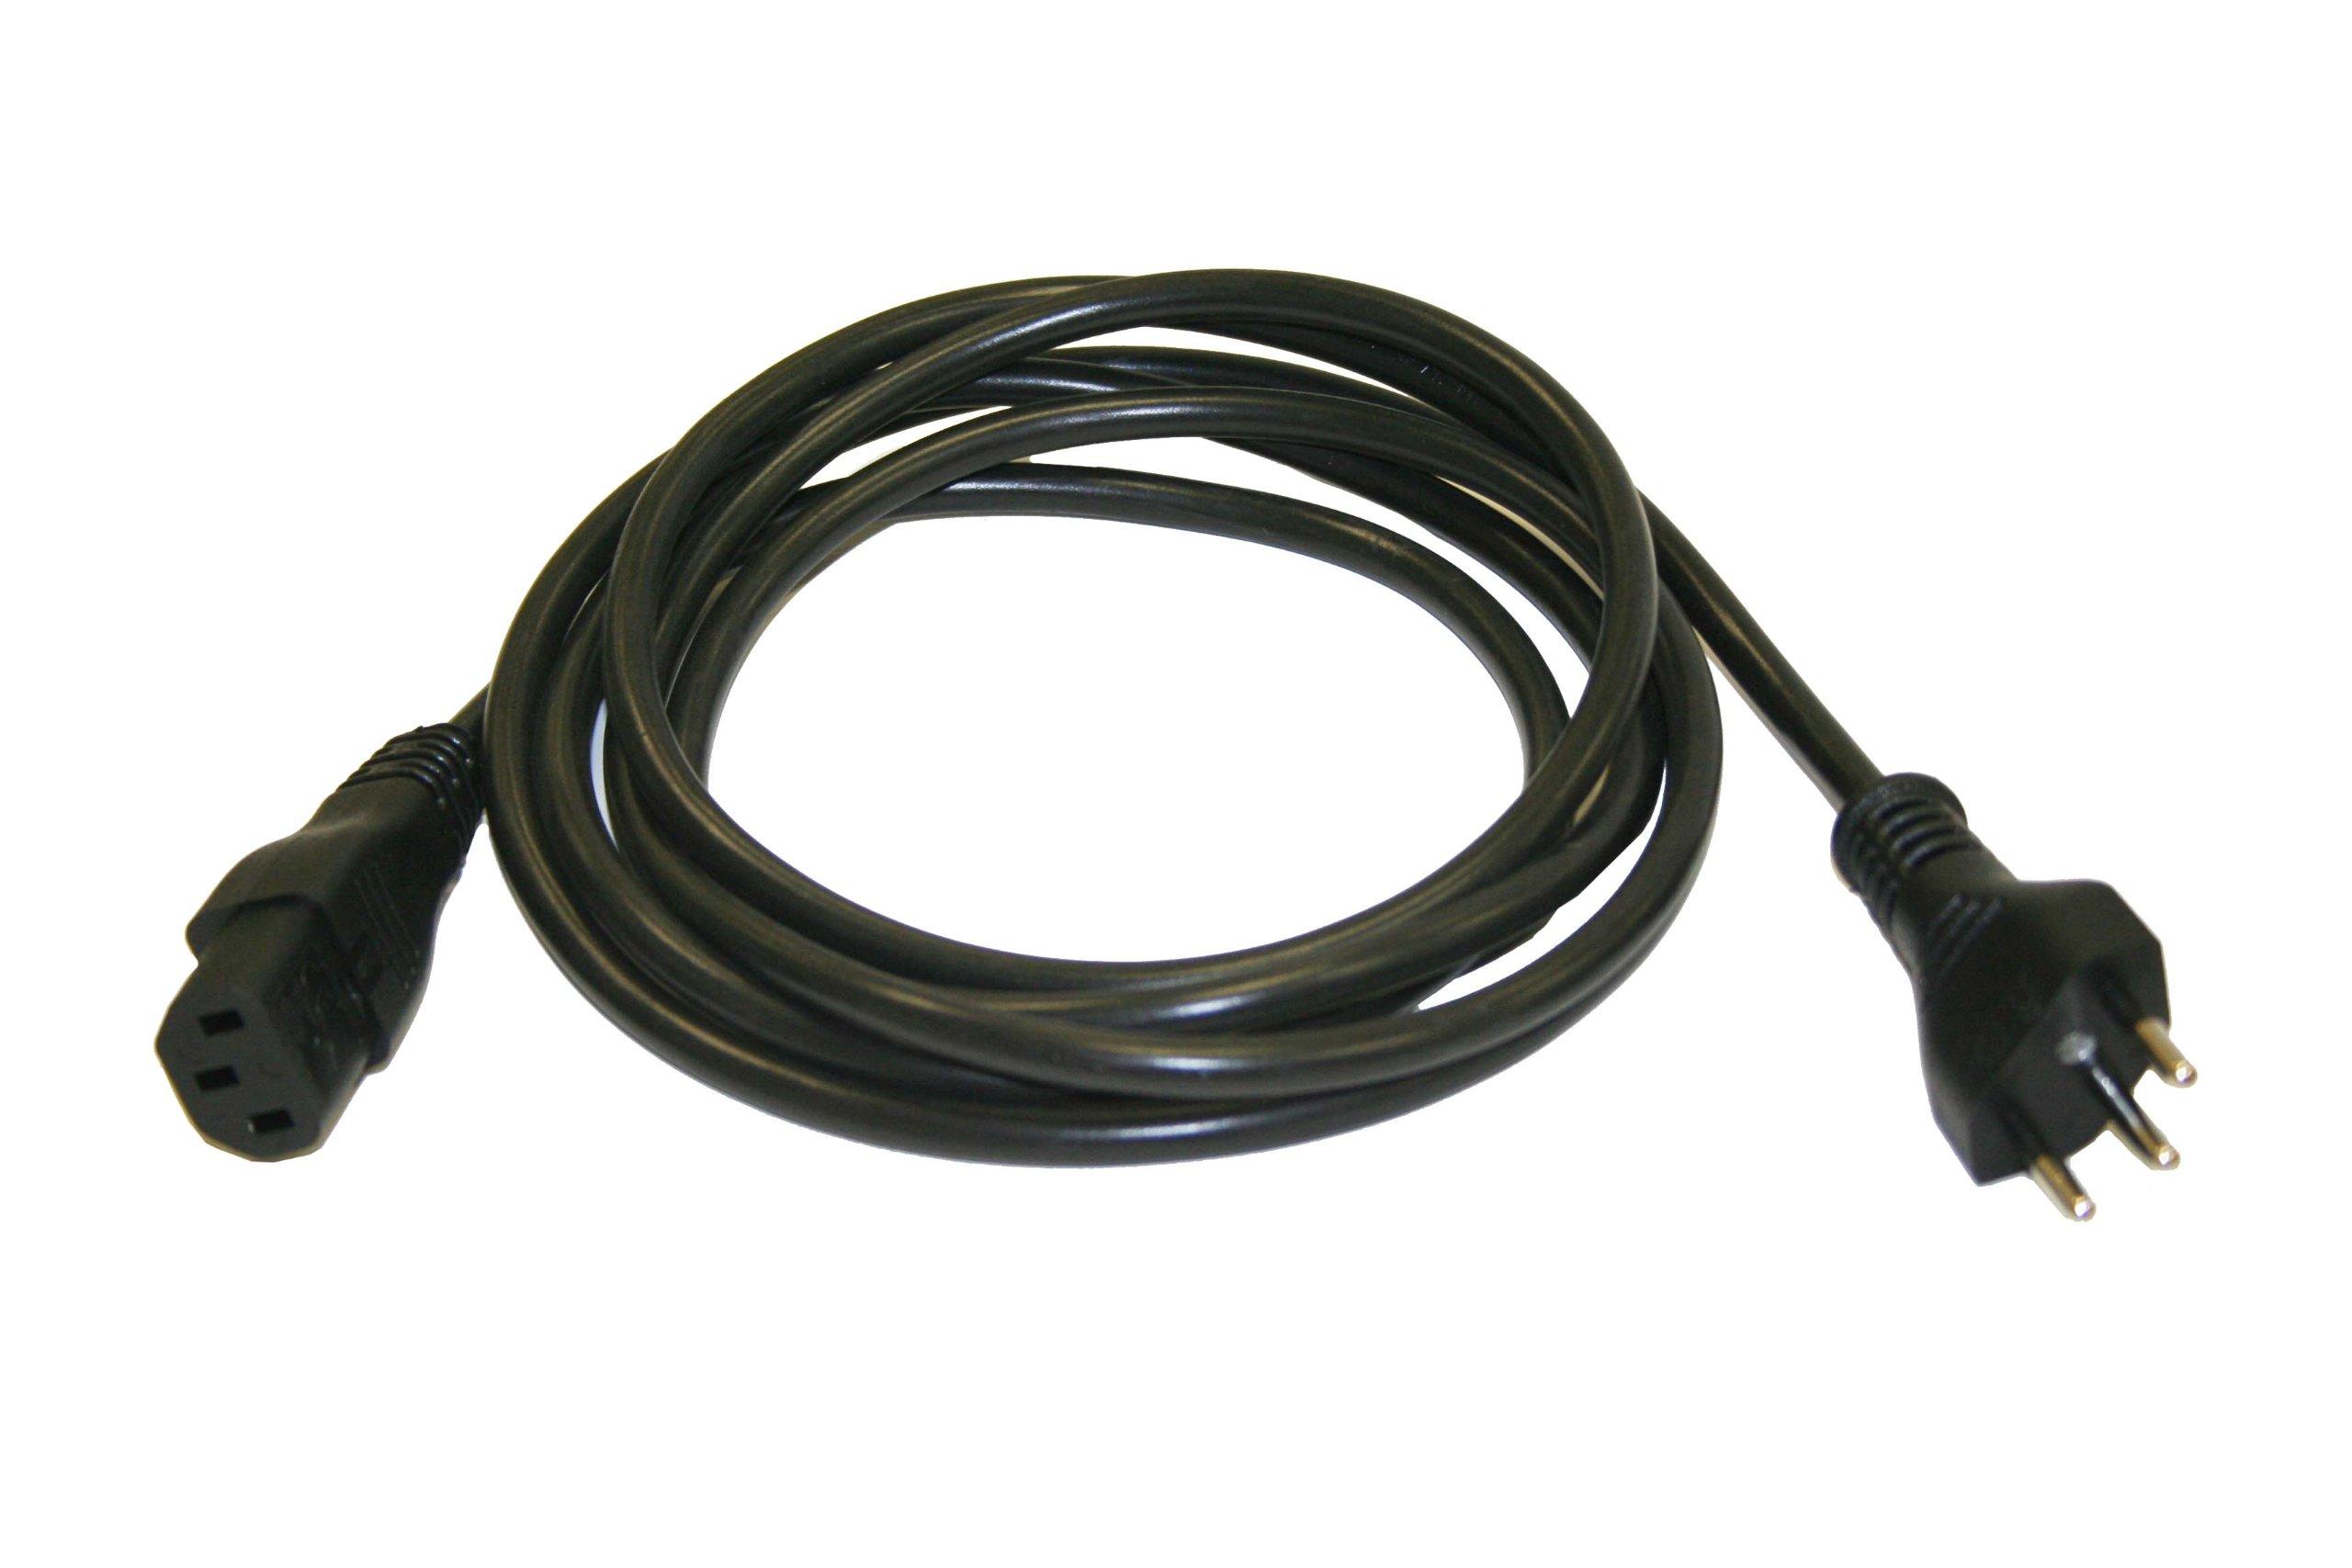 Interpower 86286110 Brazil Cord Set, NBR 14136 Plug Type, IEC 60320 C13 Connector Type, Black Plug Color, Black Cable Color, 10 Amps, 250 VAC Voltage, 2.5 m Length